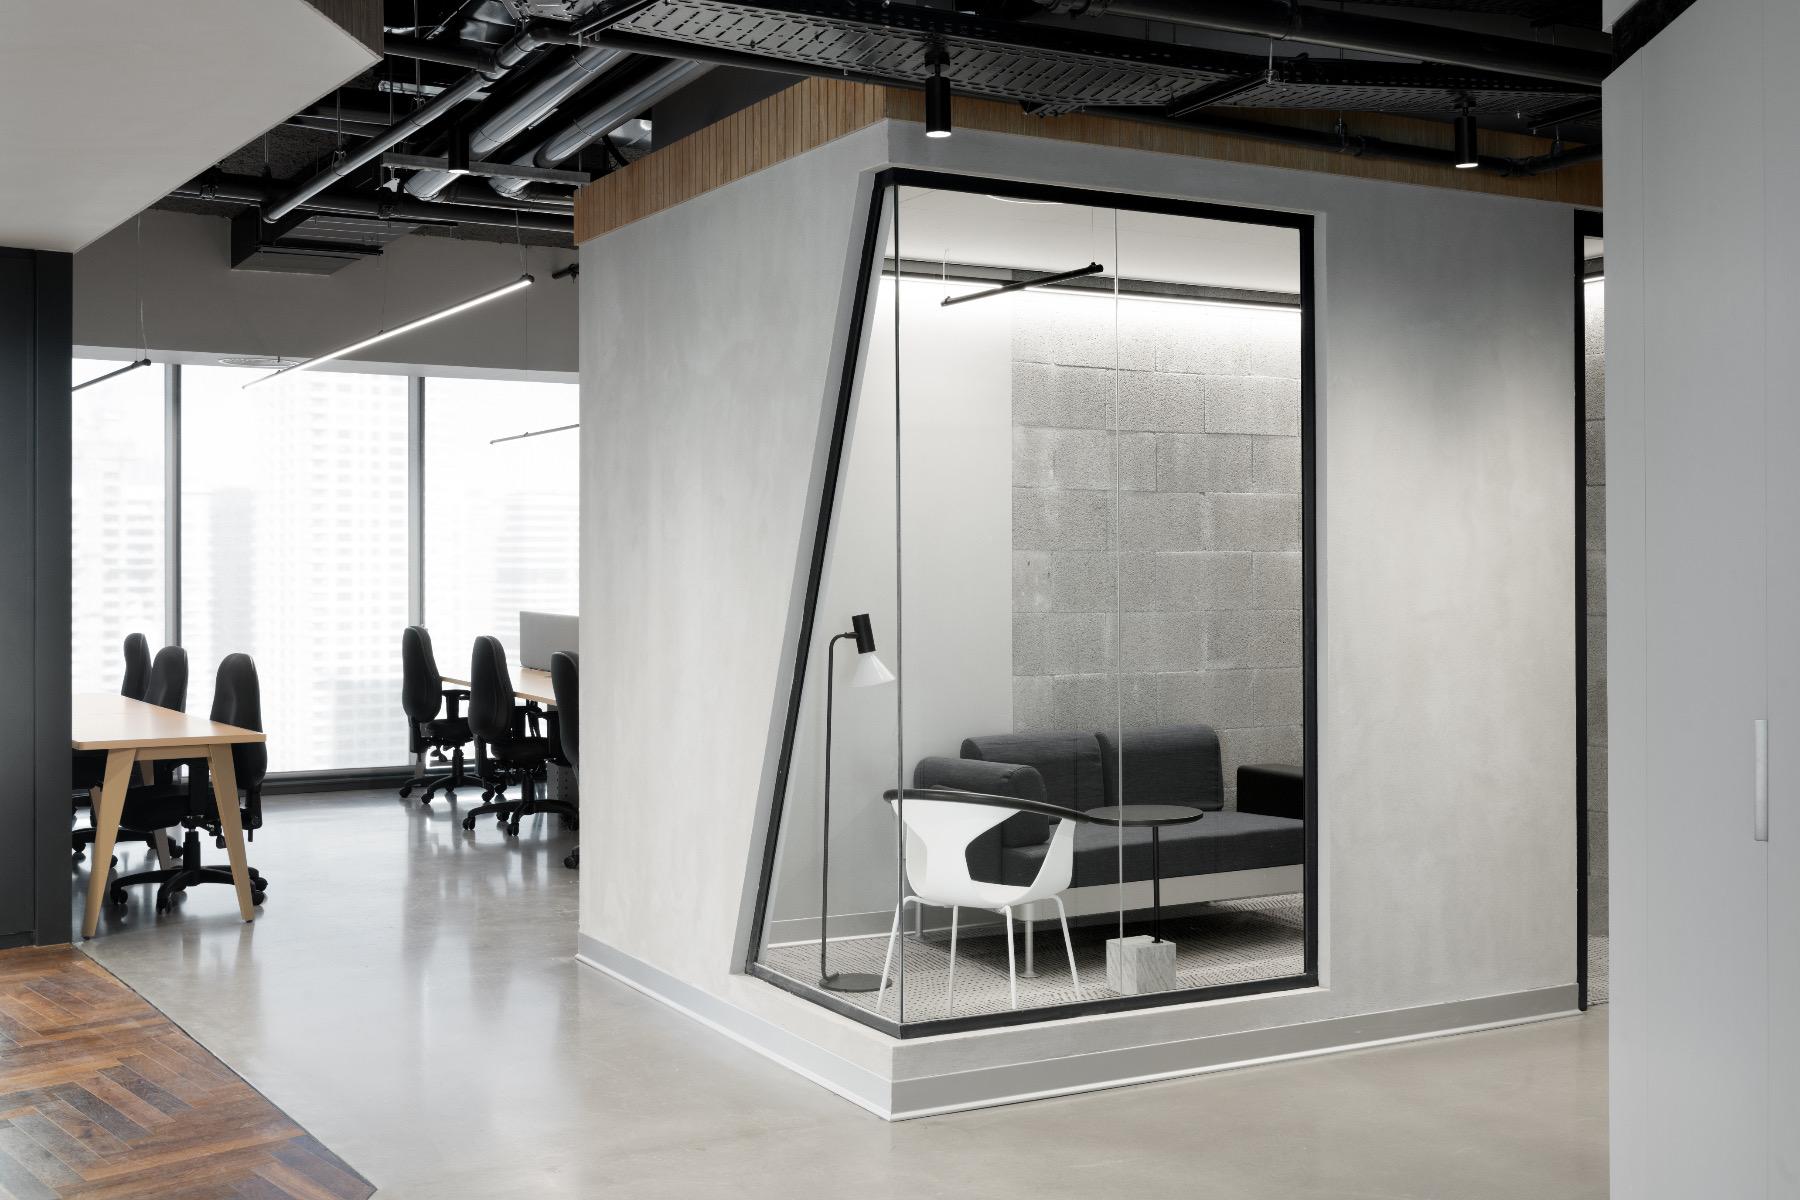 siemplify-tel-aviv-office-6